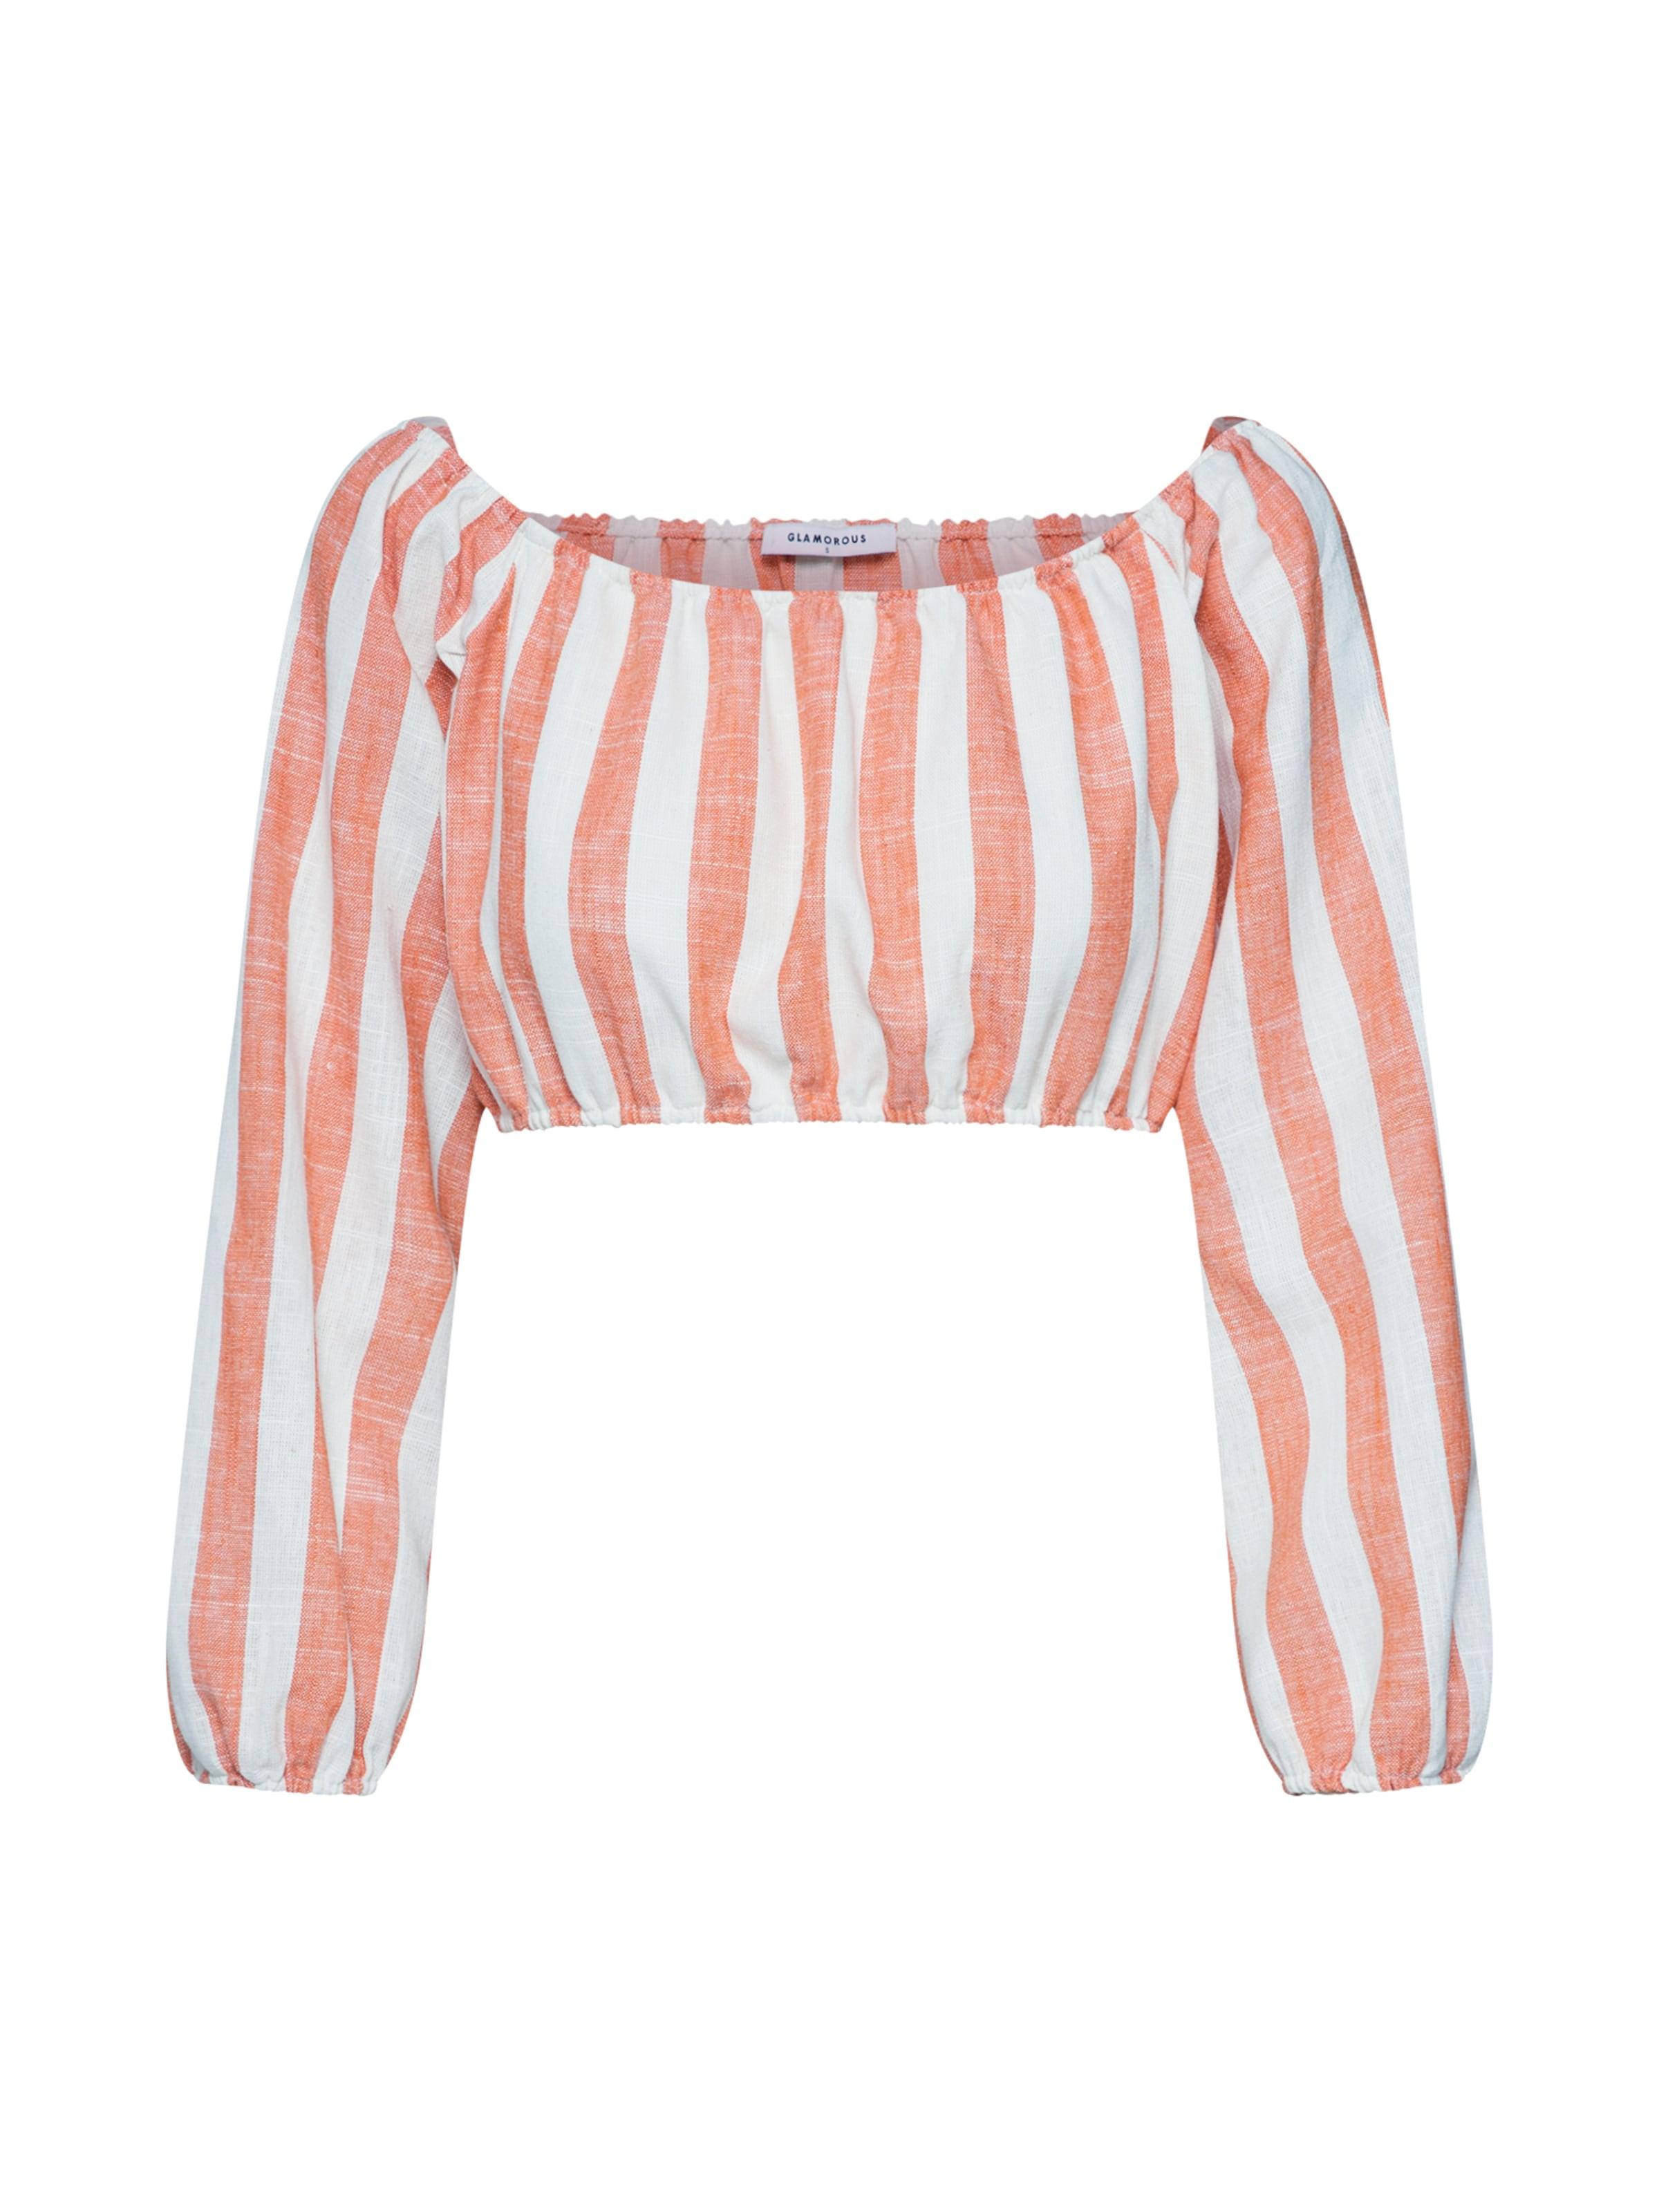 KoralleWeiß Shirt Shirt In Glamorous Glamorous 2D9EHI